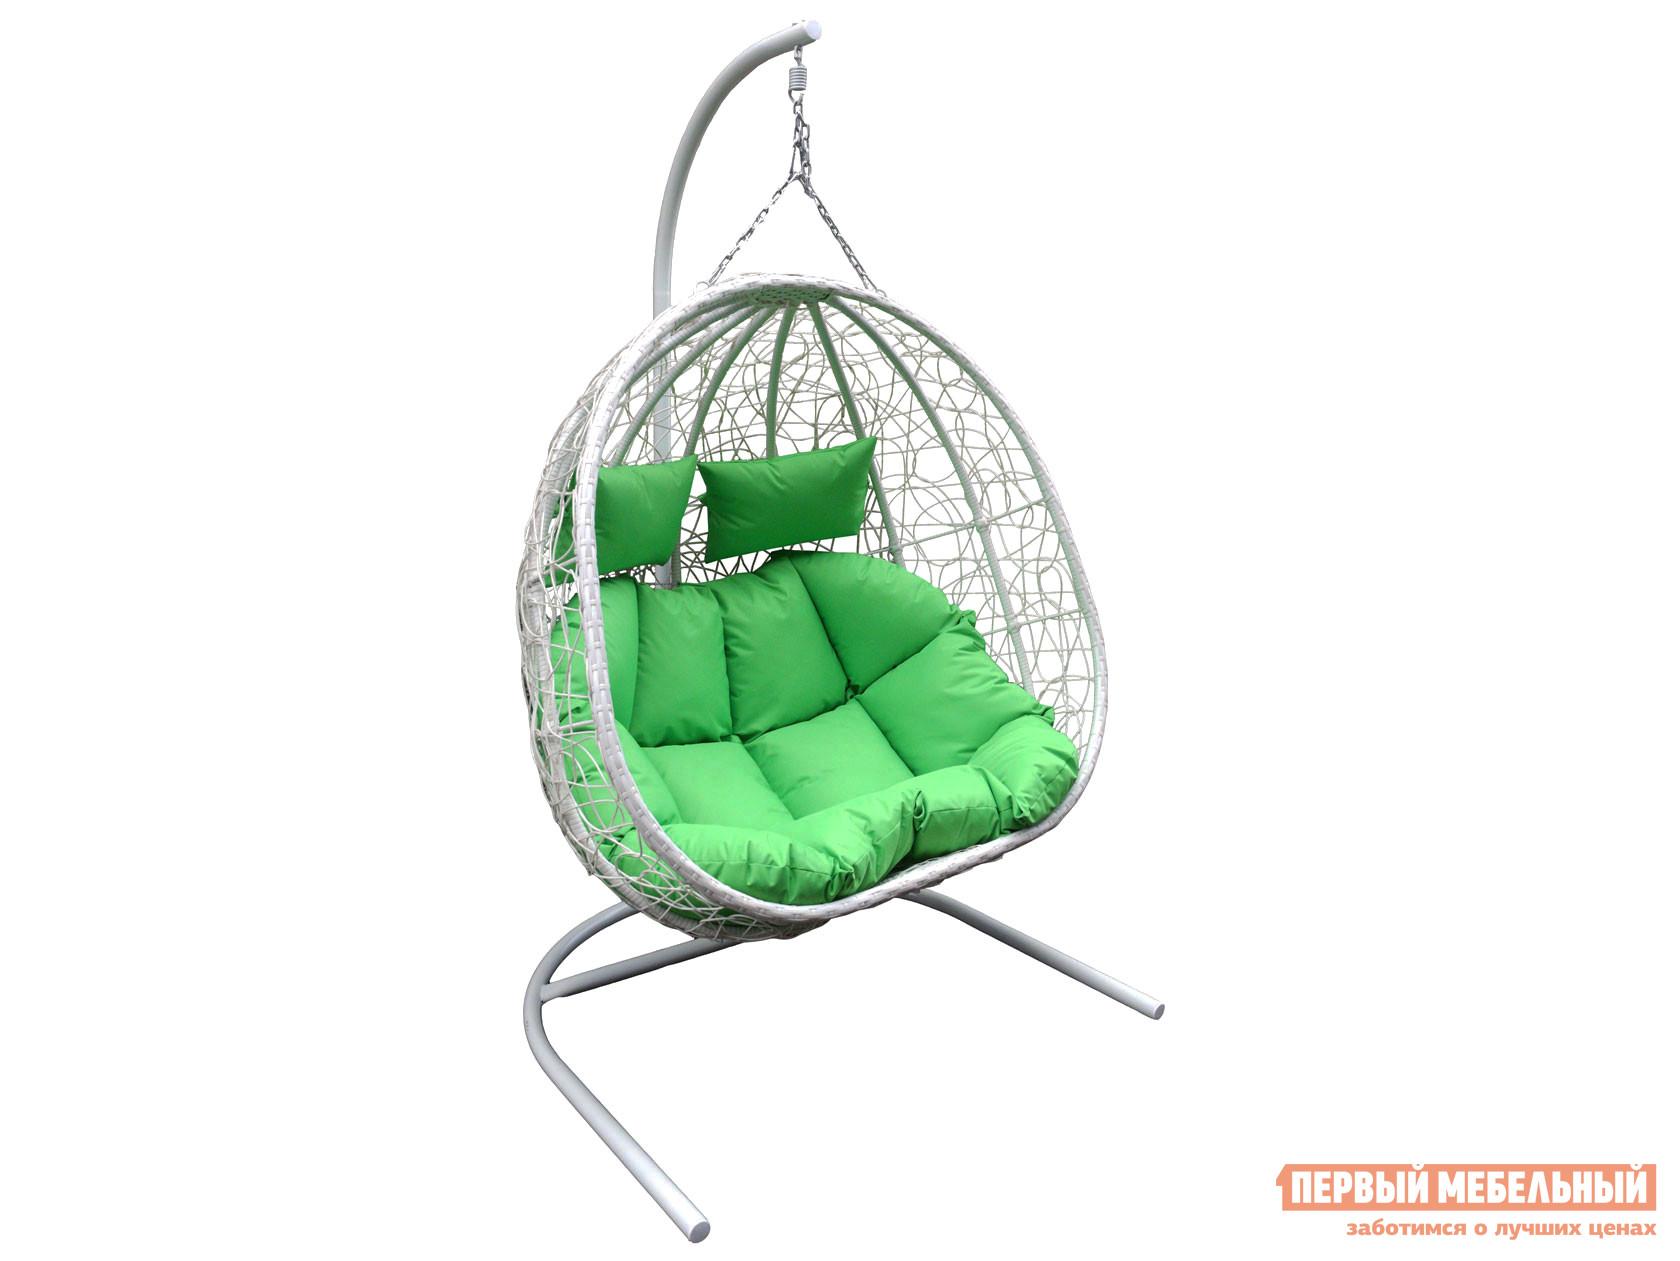 """Подвесное кресло  D40 Подвесное кресло """"Флора"""" двойное Белый, металл / Молочный, ротанг / Салатовый, ткань — D40 Подвесное кресло """"Флора"""" двойное Белый, металл / Молочный, ротанг / Салатовый, ткань"""